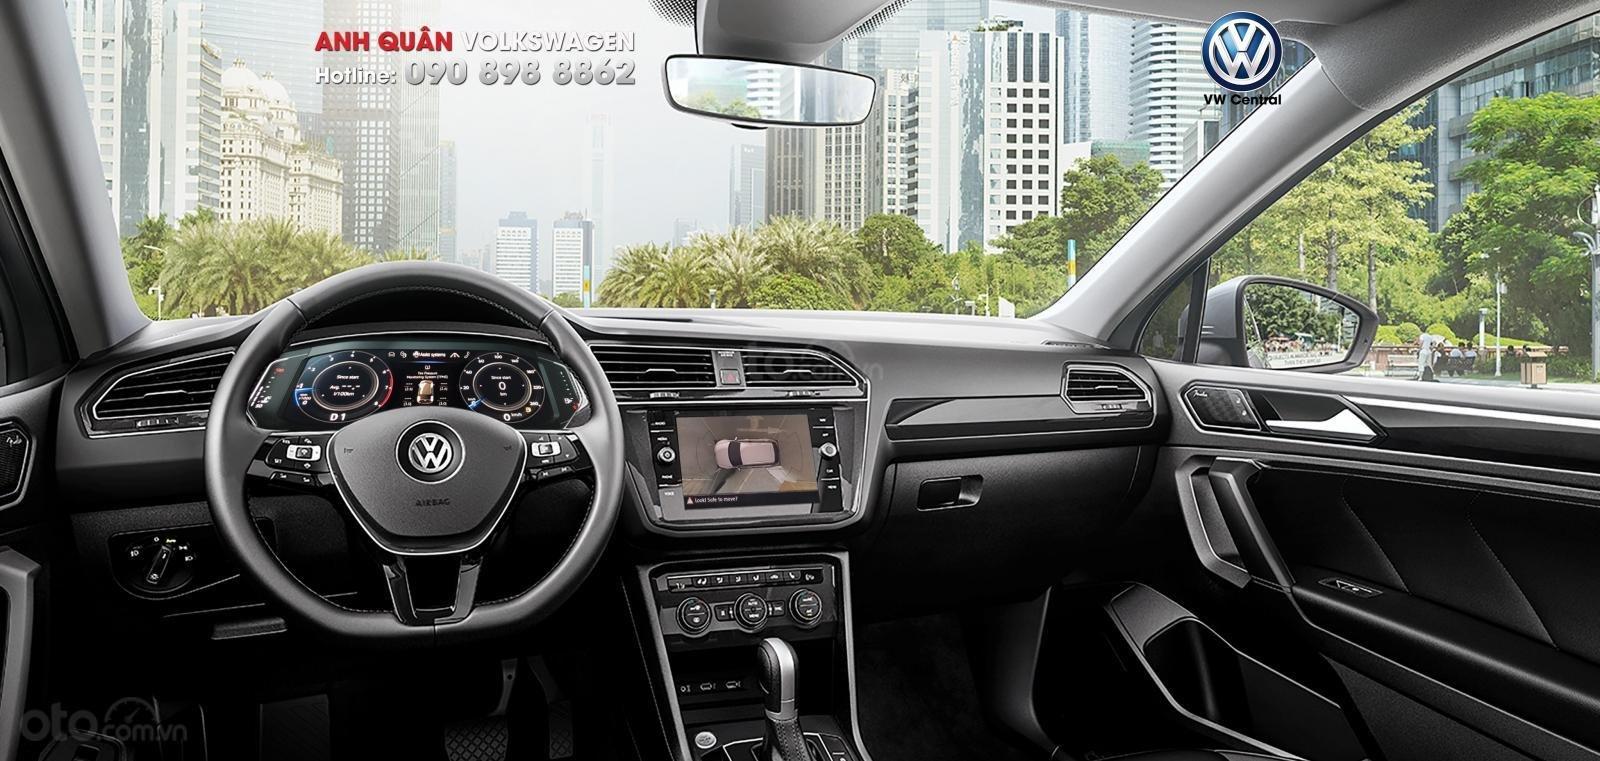 Tiguan Allspace Luxury 2020 - nhập khẩu, đủ màu, giao ngay|Hotline: 090-898-8862 (Anh Quân - VW Sài Gòn) (24)